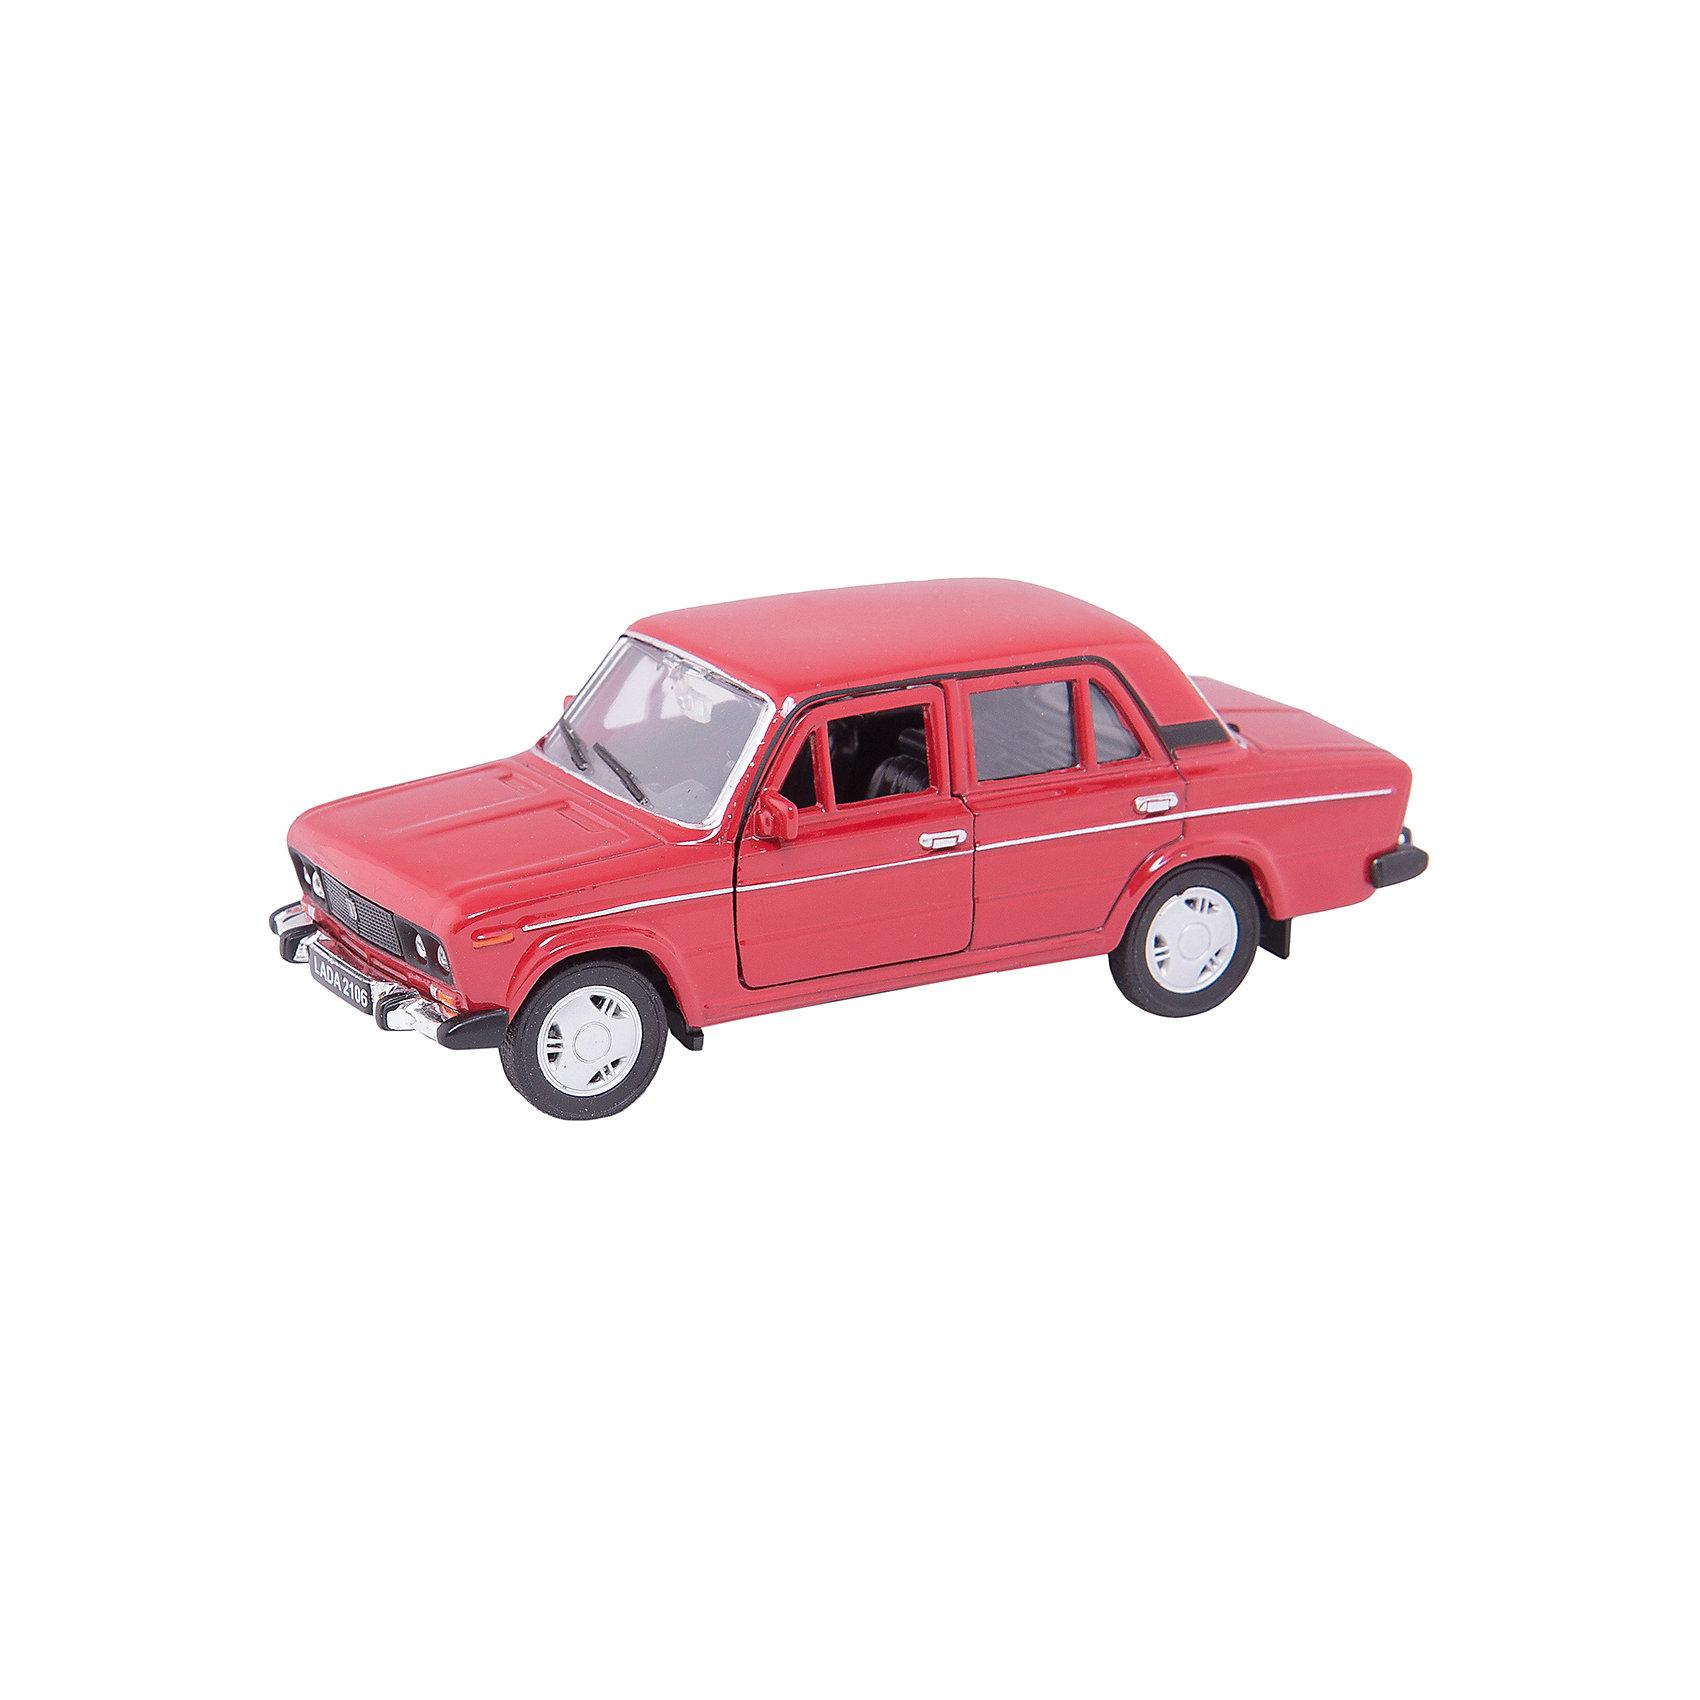 Модель машины 1:34-39 LADA 2106, WellyКоллекционные модели<br>Коллекционная модель машины  масштаба 1:34-39 LADA 2106. Функции: открываются передние двери, инерционный механизм.<br>Цвет кузова автомобиля представлен в ассортименте. Выбрать определенный цвет заранее не представляется возможным.<br><br>Ширина мм: 60<br>Глубина мм: 115<br>Высота мм: 140<br>Вес г: 182<br>Возраст от месяцев: 36<br>Возраст до месяцев: 192<br>Пол: Мужской<br>Возраст: Детский<br>SKU: 4966514